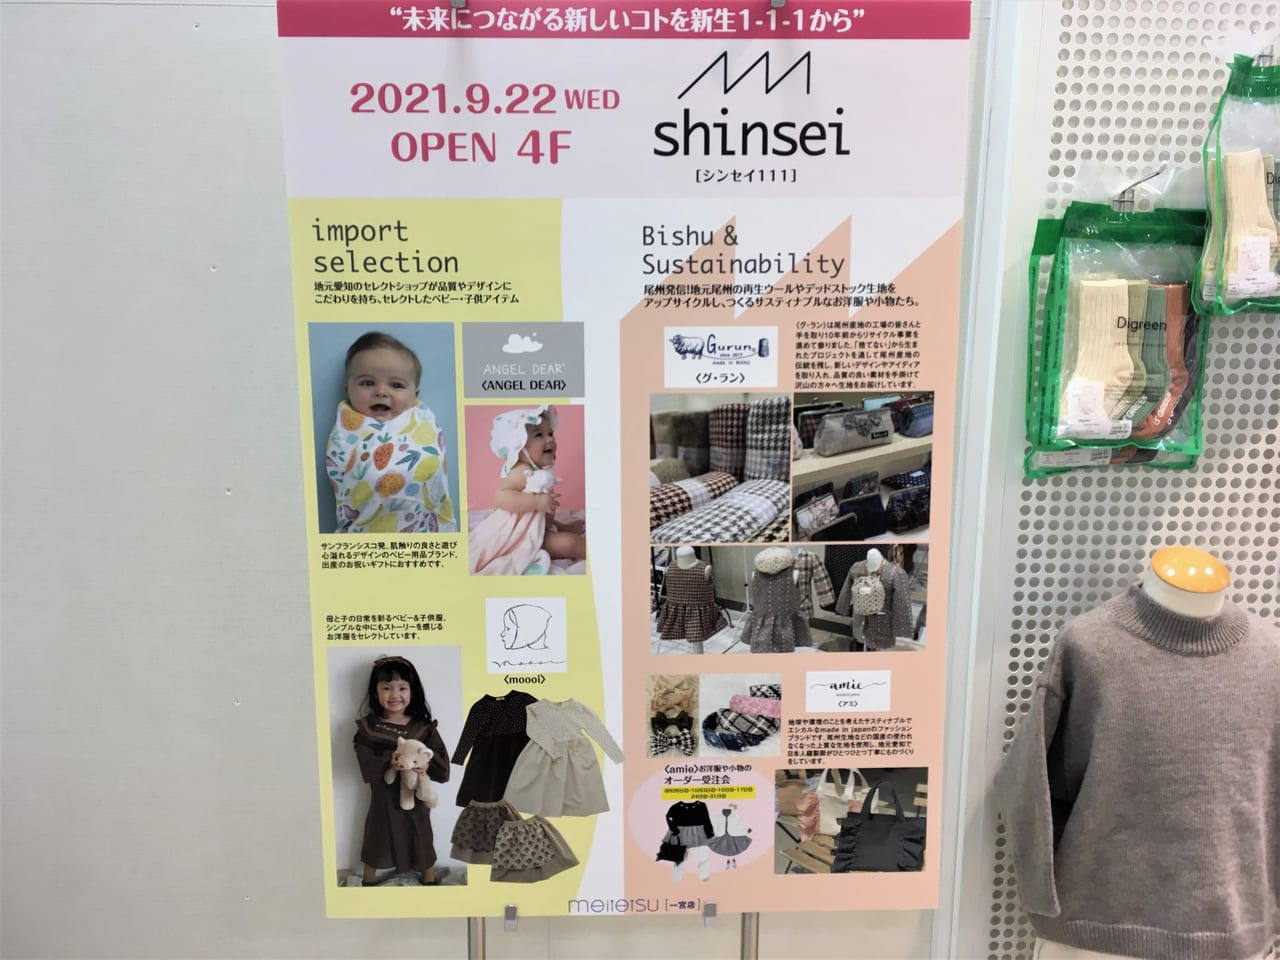 名鉄百貨店一宮店4階 shinsei シンセイ111のお店説明